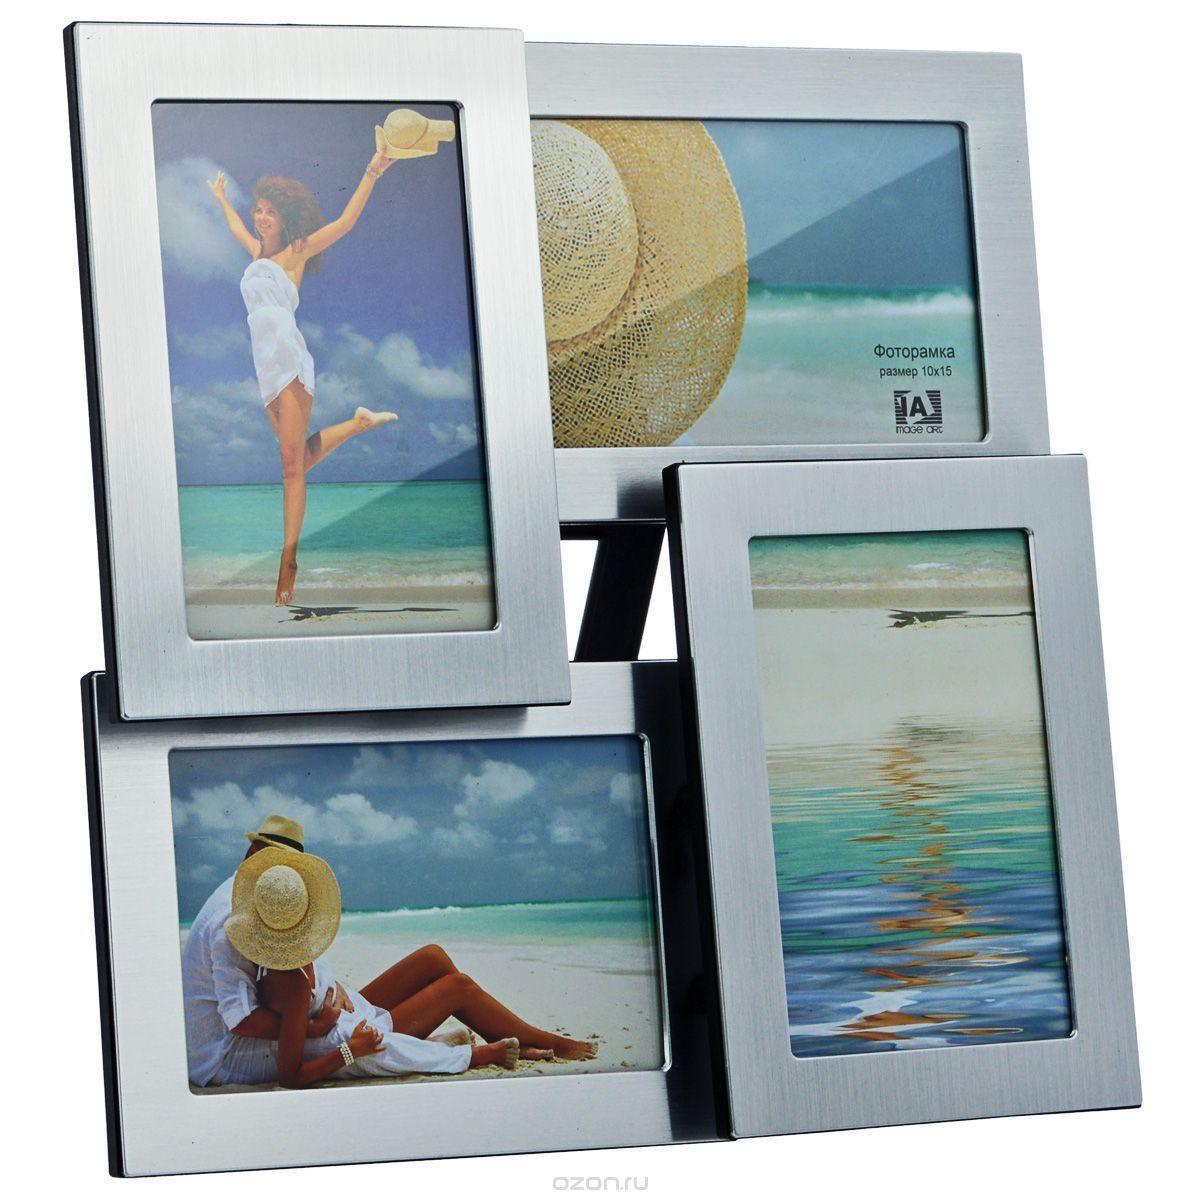 Фоторамка Image Art, цвет: серебристый, на 4 фото, 10 см х 15 см. 50553986927385055398692738Фоторамка-коллаж Image Art - прекрасный способ красиво оформить ваши фотографии. Изделие рассчитано на 4 фотграфии. Фоторамка выполнена из алюминия и пластика и защищена стеклом. Фоторамку можно поставить на стол или подвесить на стену, для чего с задней стороны предусмотрены специальные отверстия. Такая фоторамка поможет сохранить на память самые яркие моменты вашей жизни, а стильный дизайн сделает ее прекрасным дополнением интерьера интерьера.